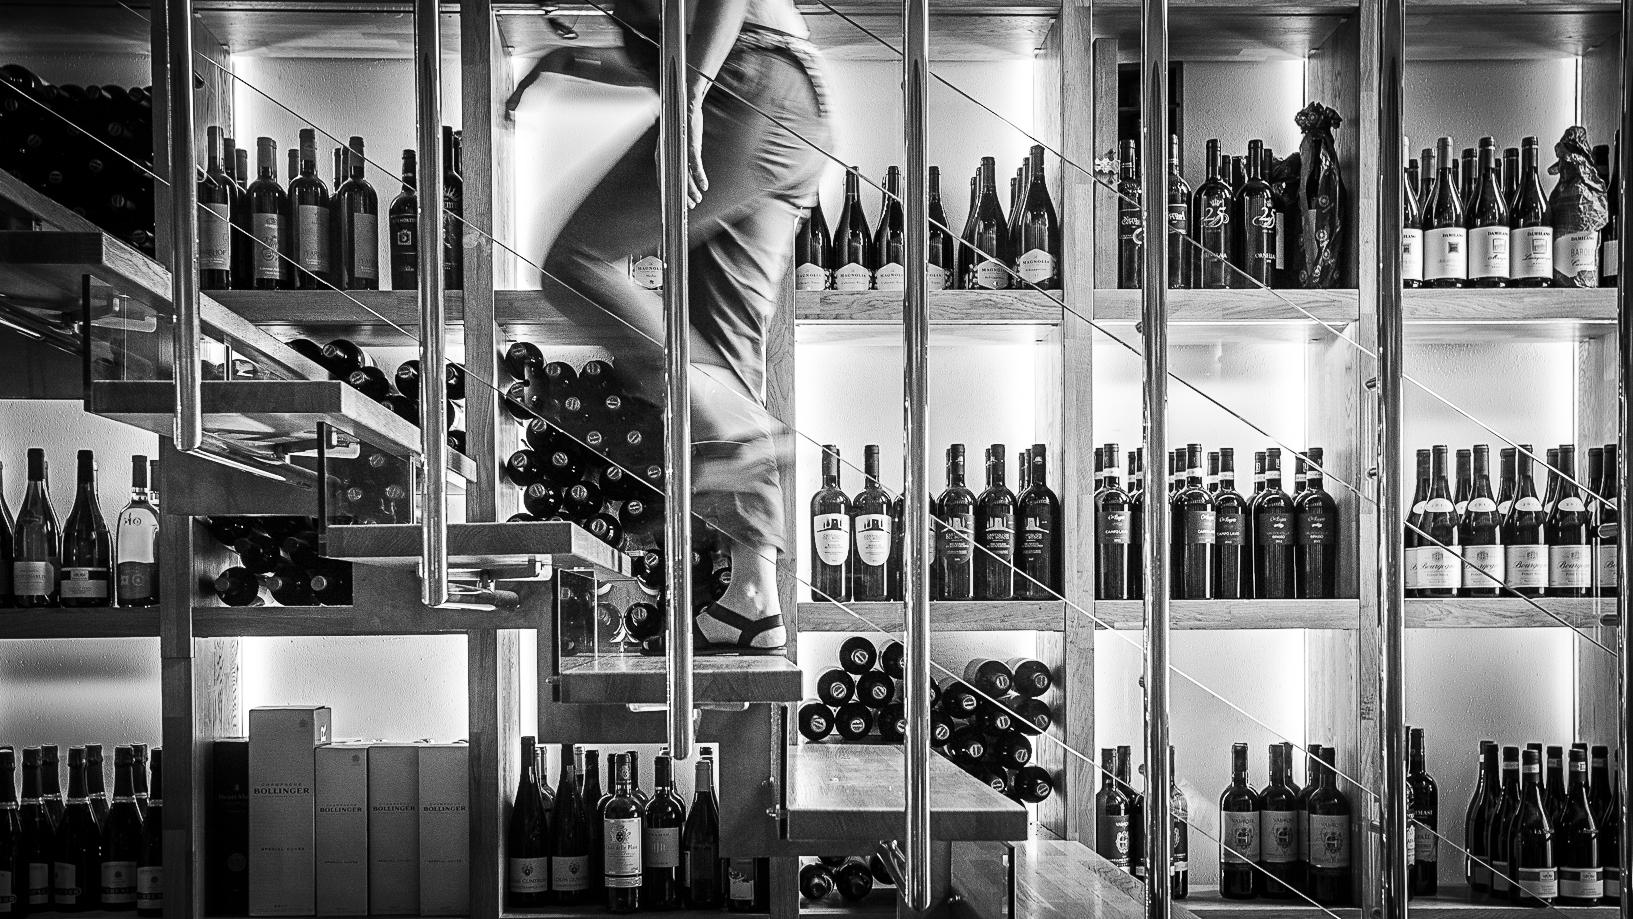 Di vin salita di Marcello Zavalloni